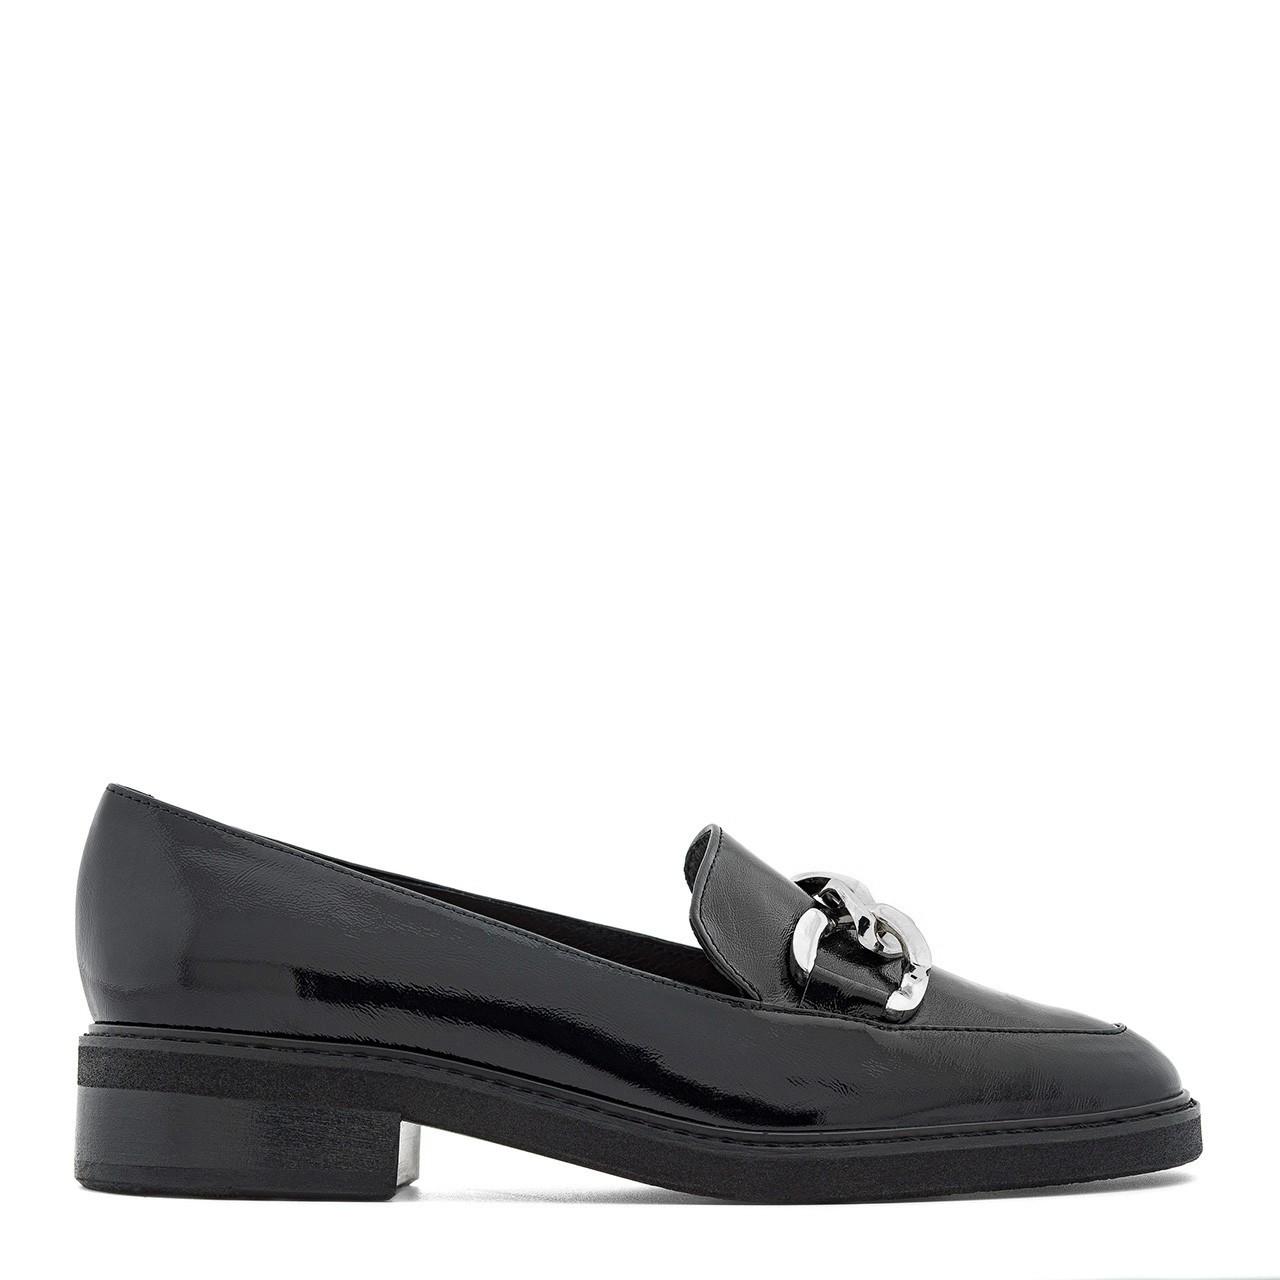 Czarne mokasyny na niskim obcasie ze srebrnym łańcuszkiem z przodu buta